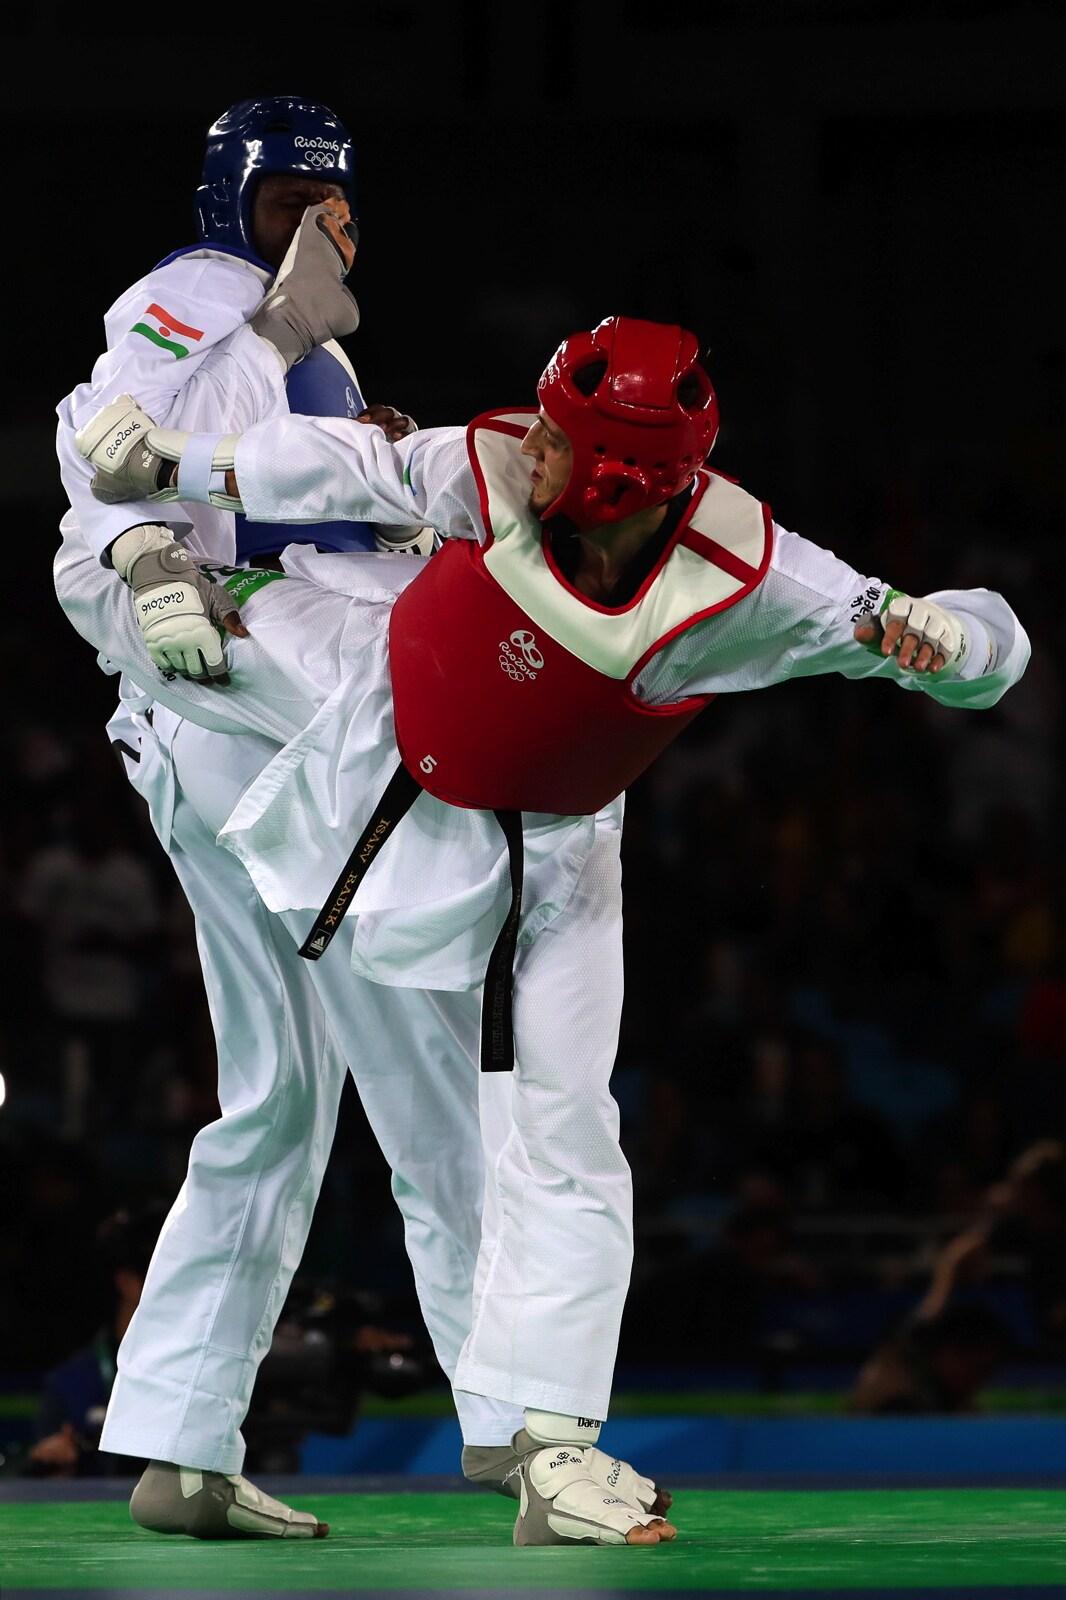 Taekwondo - + 80kg Men